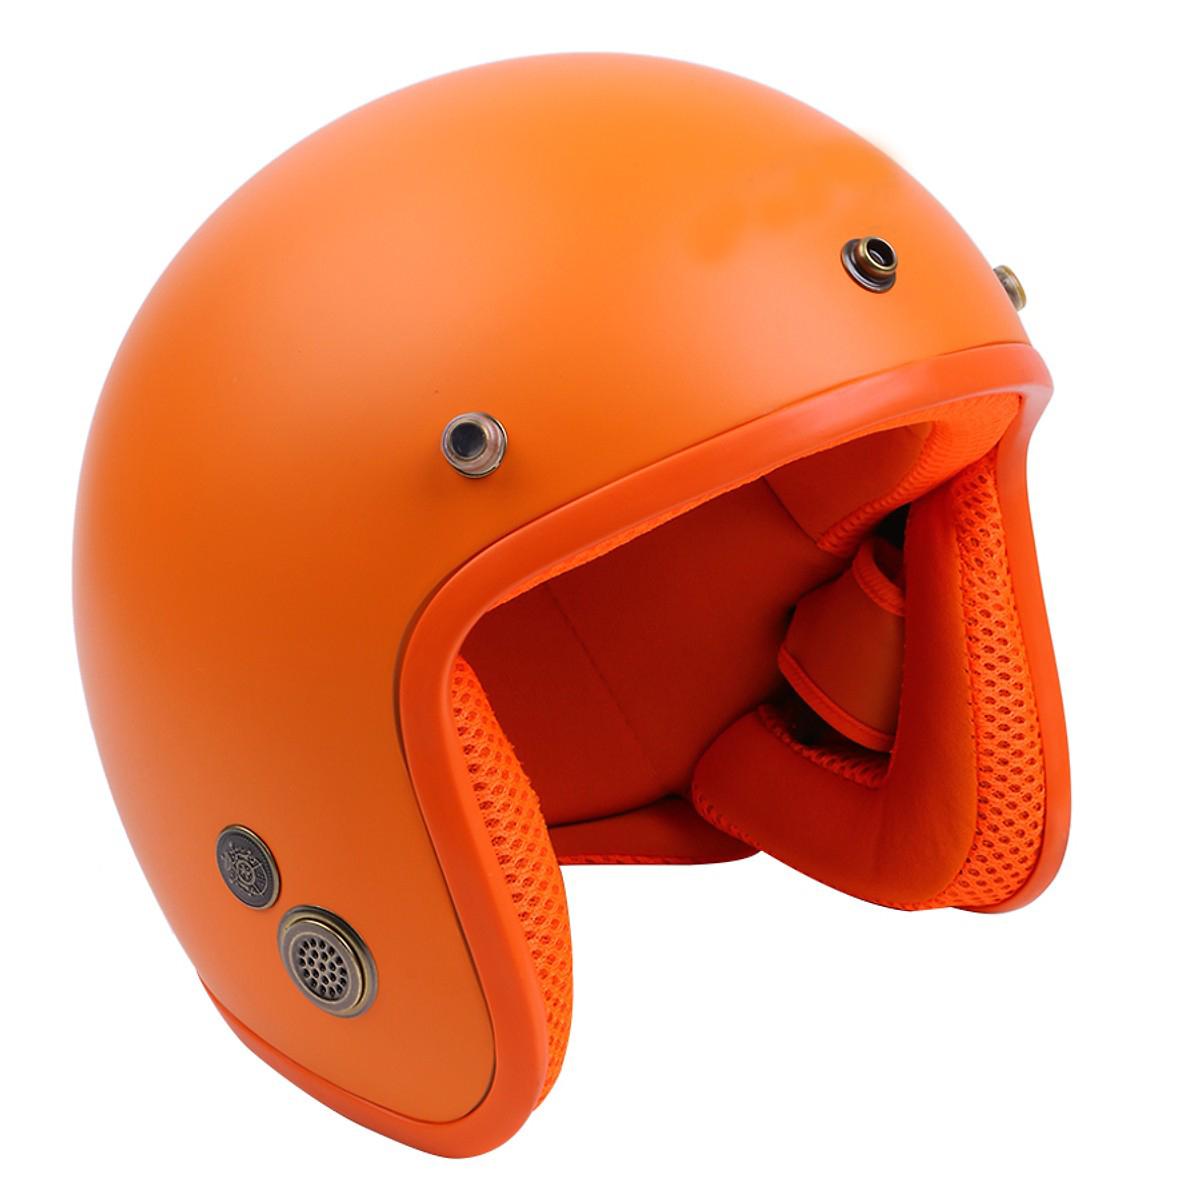 Mũ Bảo Hiểm 3/4 Lót Màu Nhám Chuyên Phượt + Tặng kèm lưỡi chai chống nắng, chống bụi